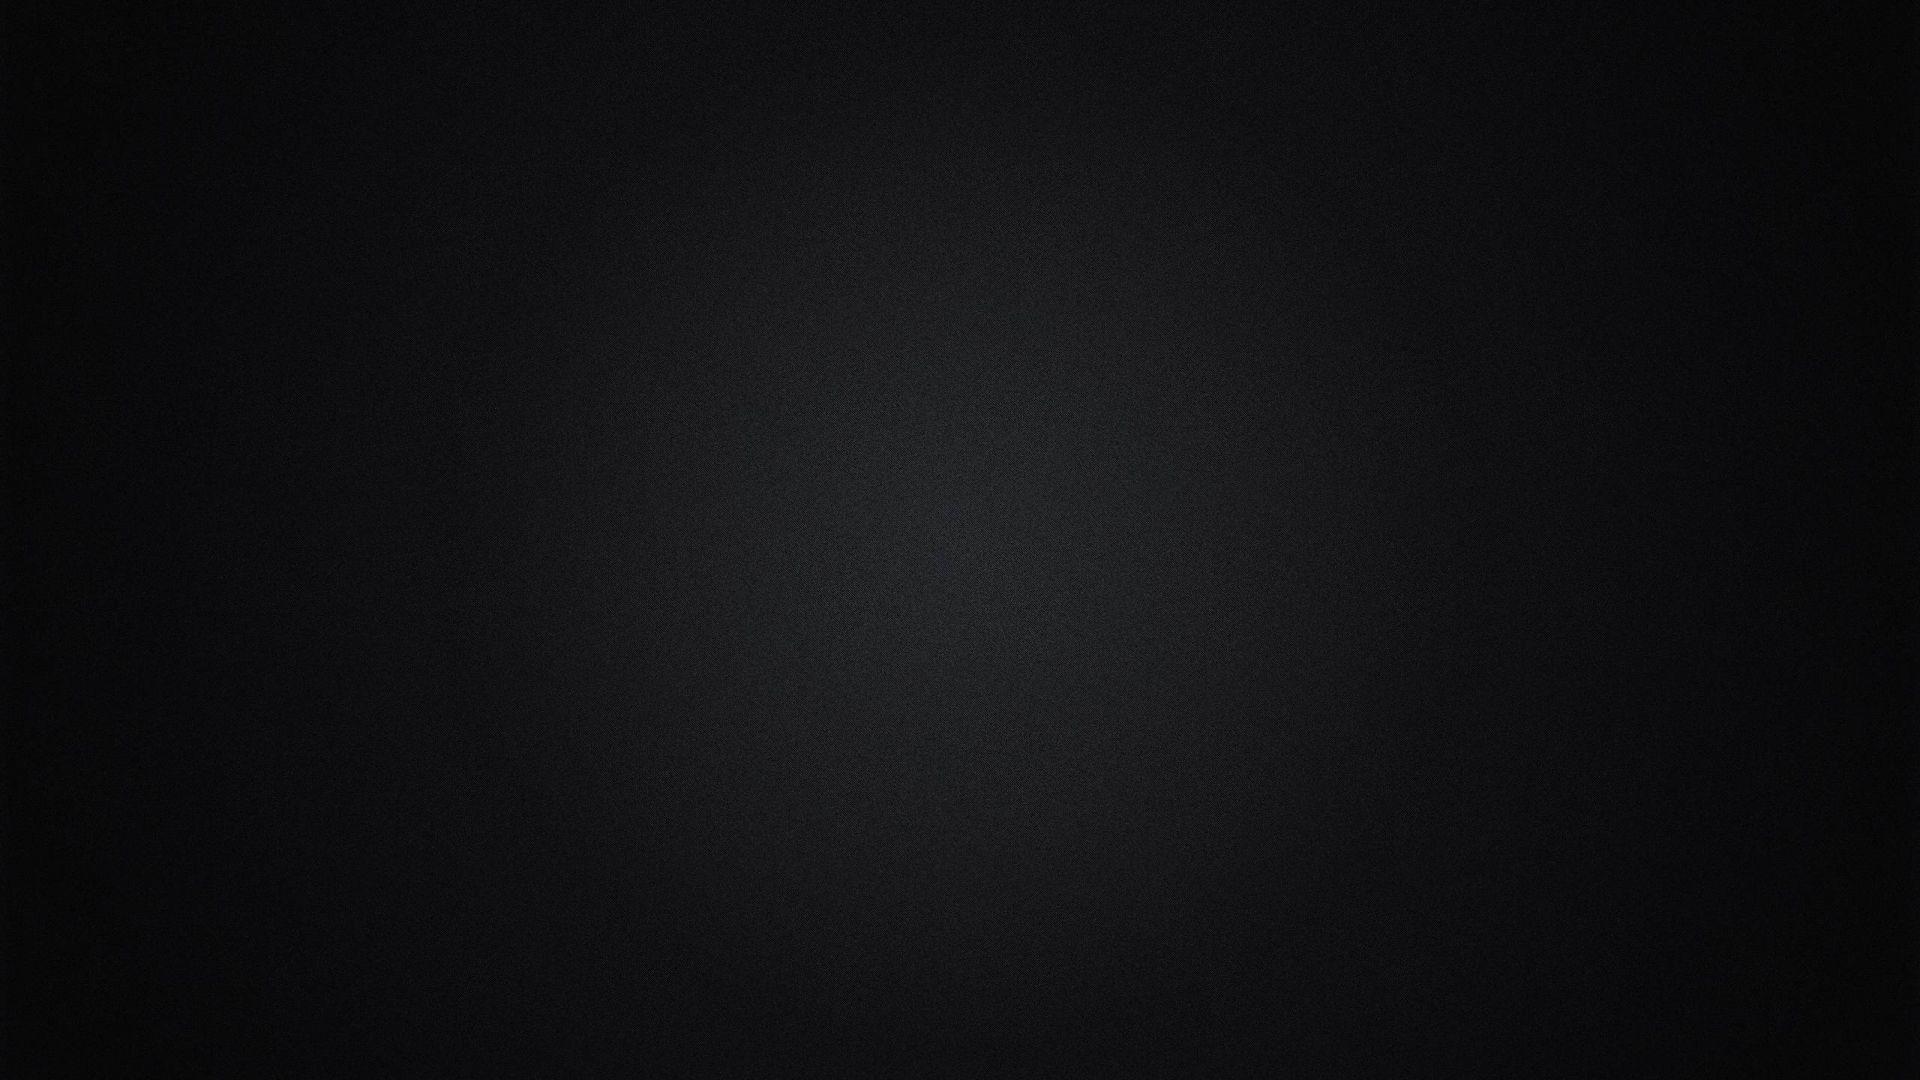 Plain Black HD Desktop Wallpaper